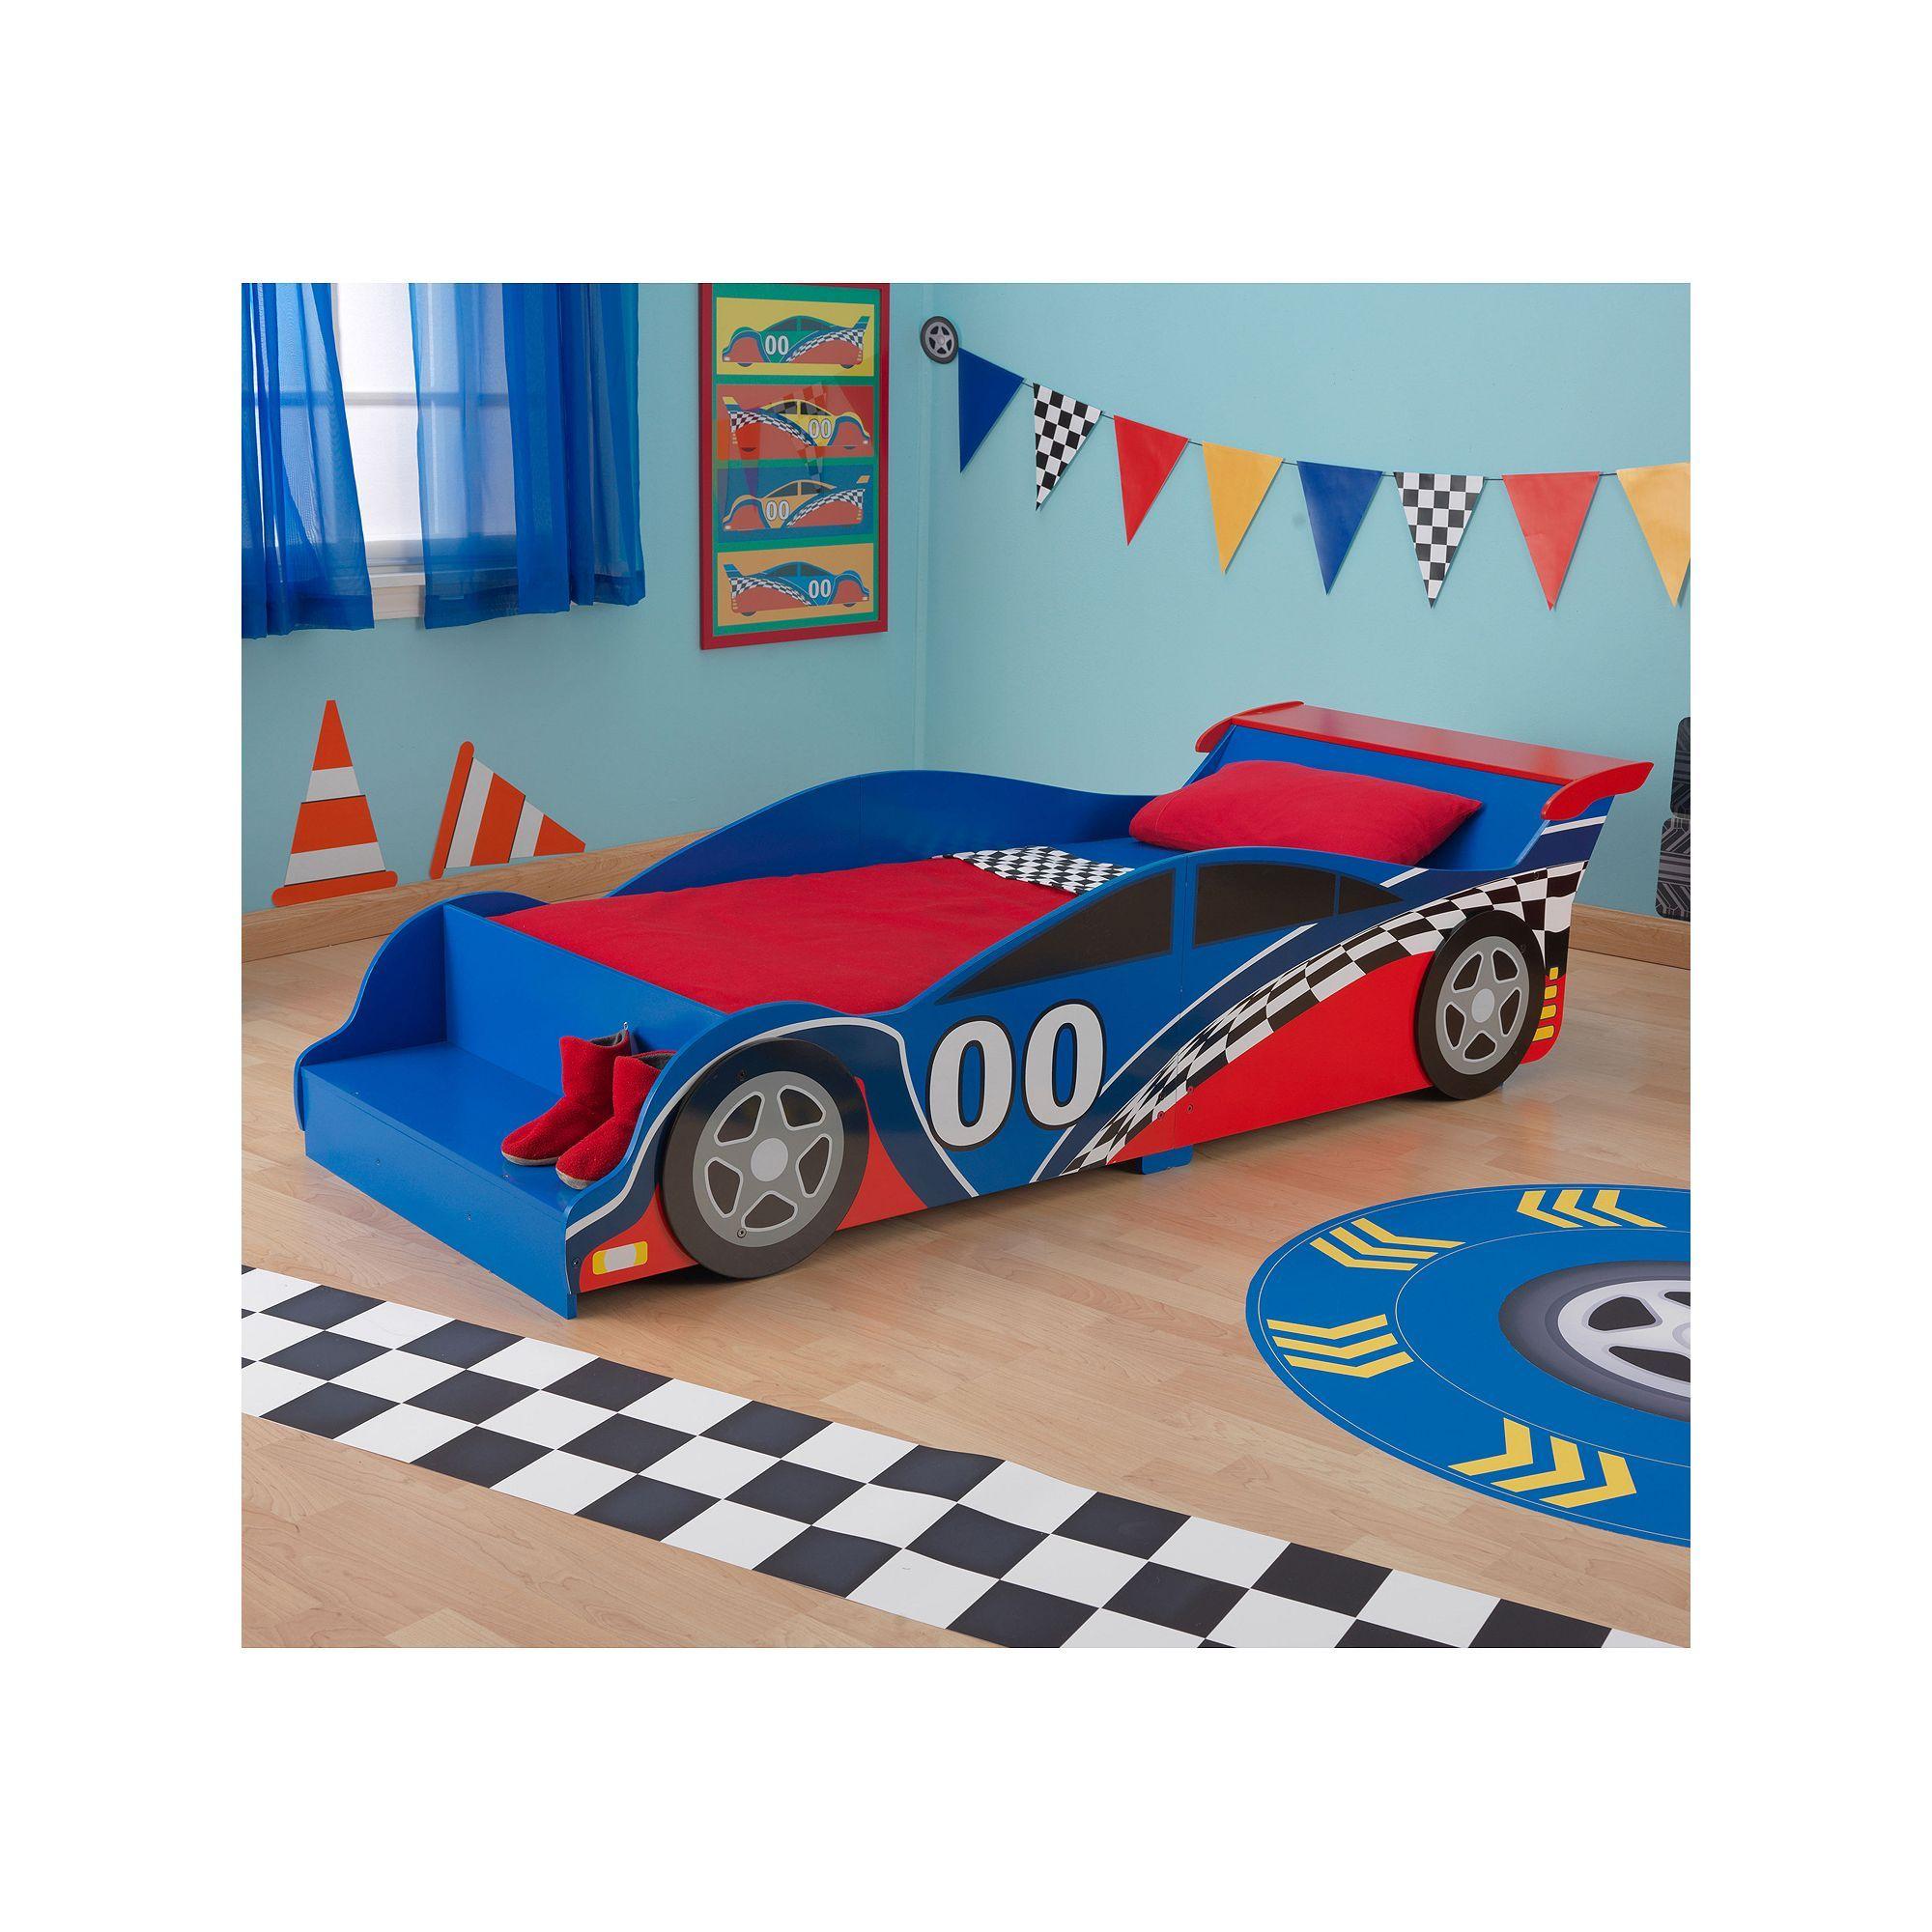 KidKraft Toddler Racecar Bed, Multicolor Race car